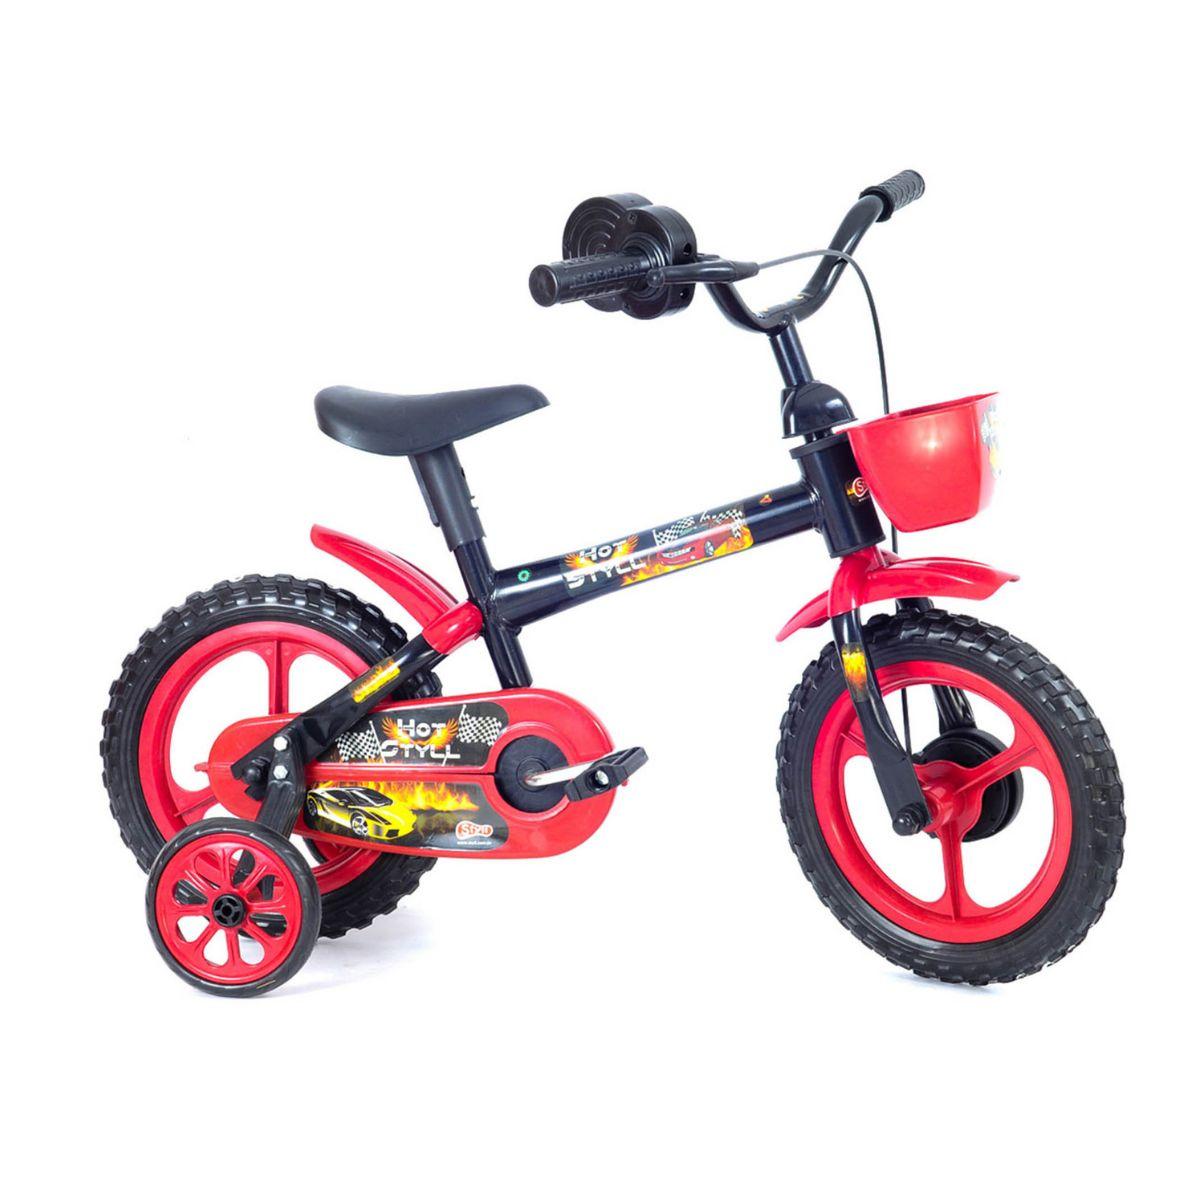 Bicicleta Bike Aro 12 Hot Styll - C/Simulador De Acelerador